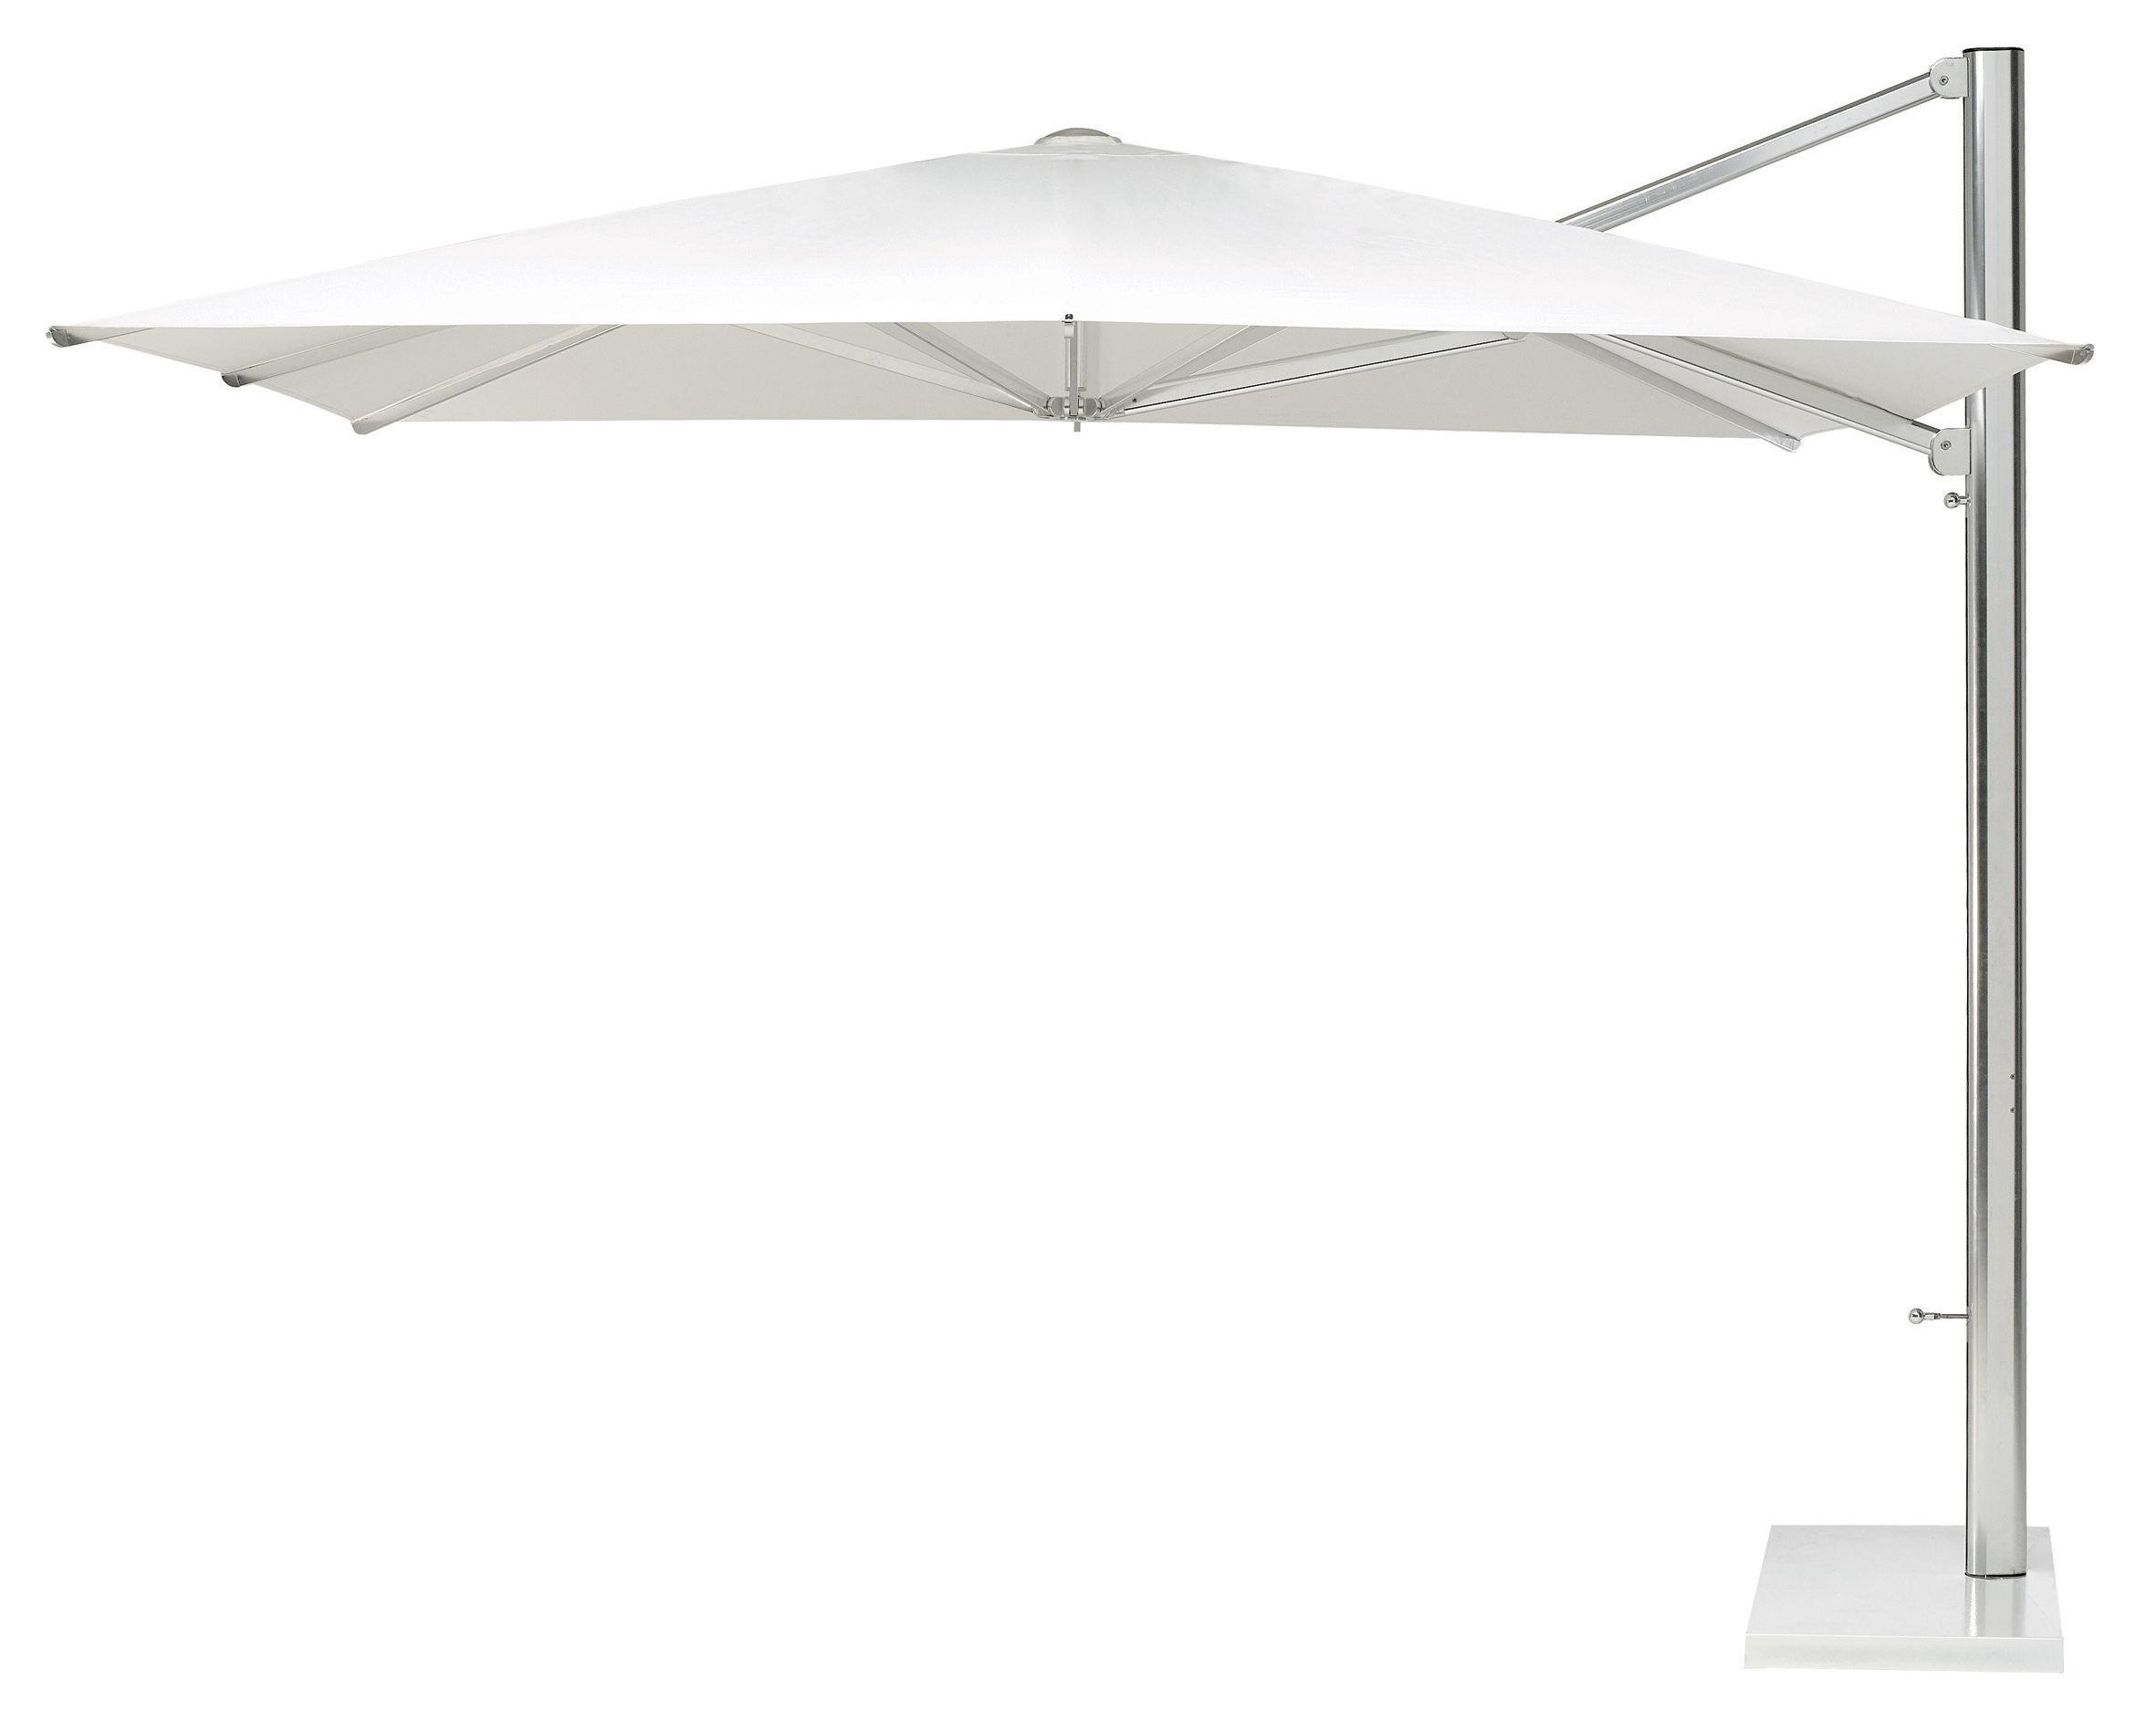 Outdoor - Sonnenschirme - Shade Freiarmschirm 300 x 300 cm - Ampelschirm - Emu - Sonnenschirm weiß - Metall, Polyacryl-Gewebe